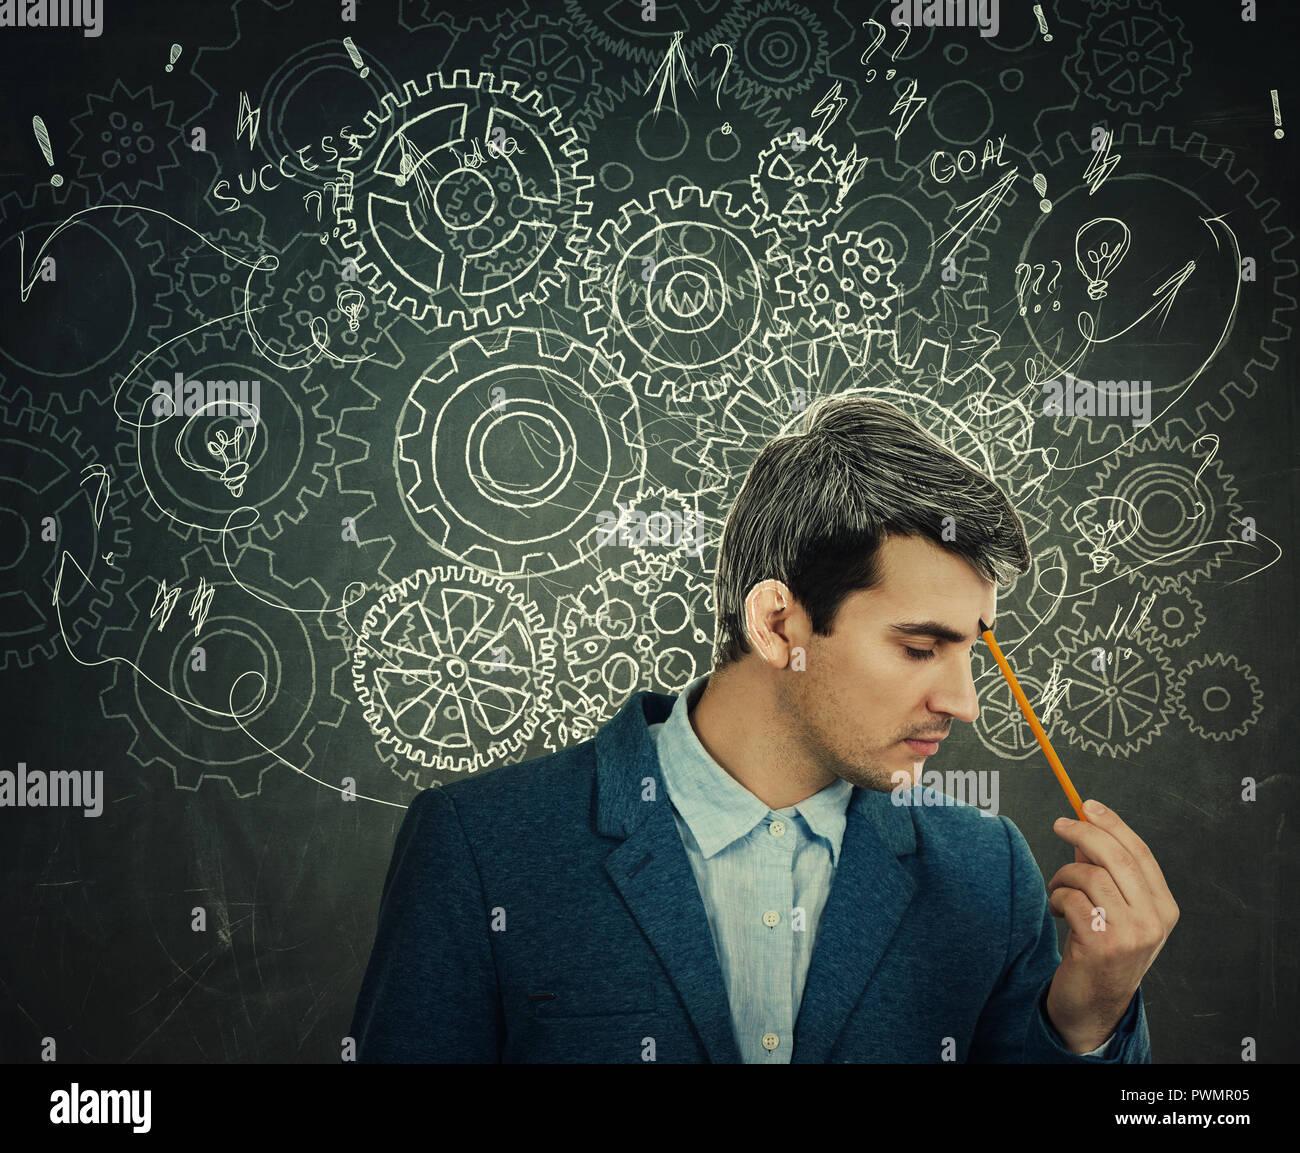 Réfléchir sur l'homme sérieux de fond blackboard flèches cerveau et mess comme pensées. Concept pour le développement psychologique, mentale. Photo Stock